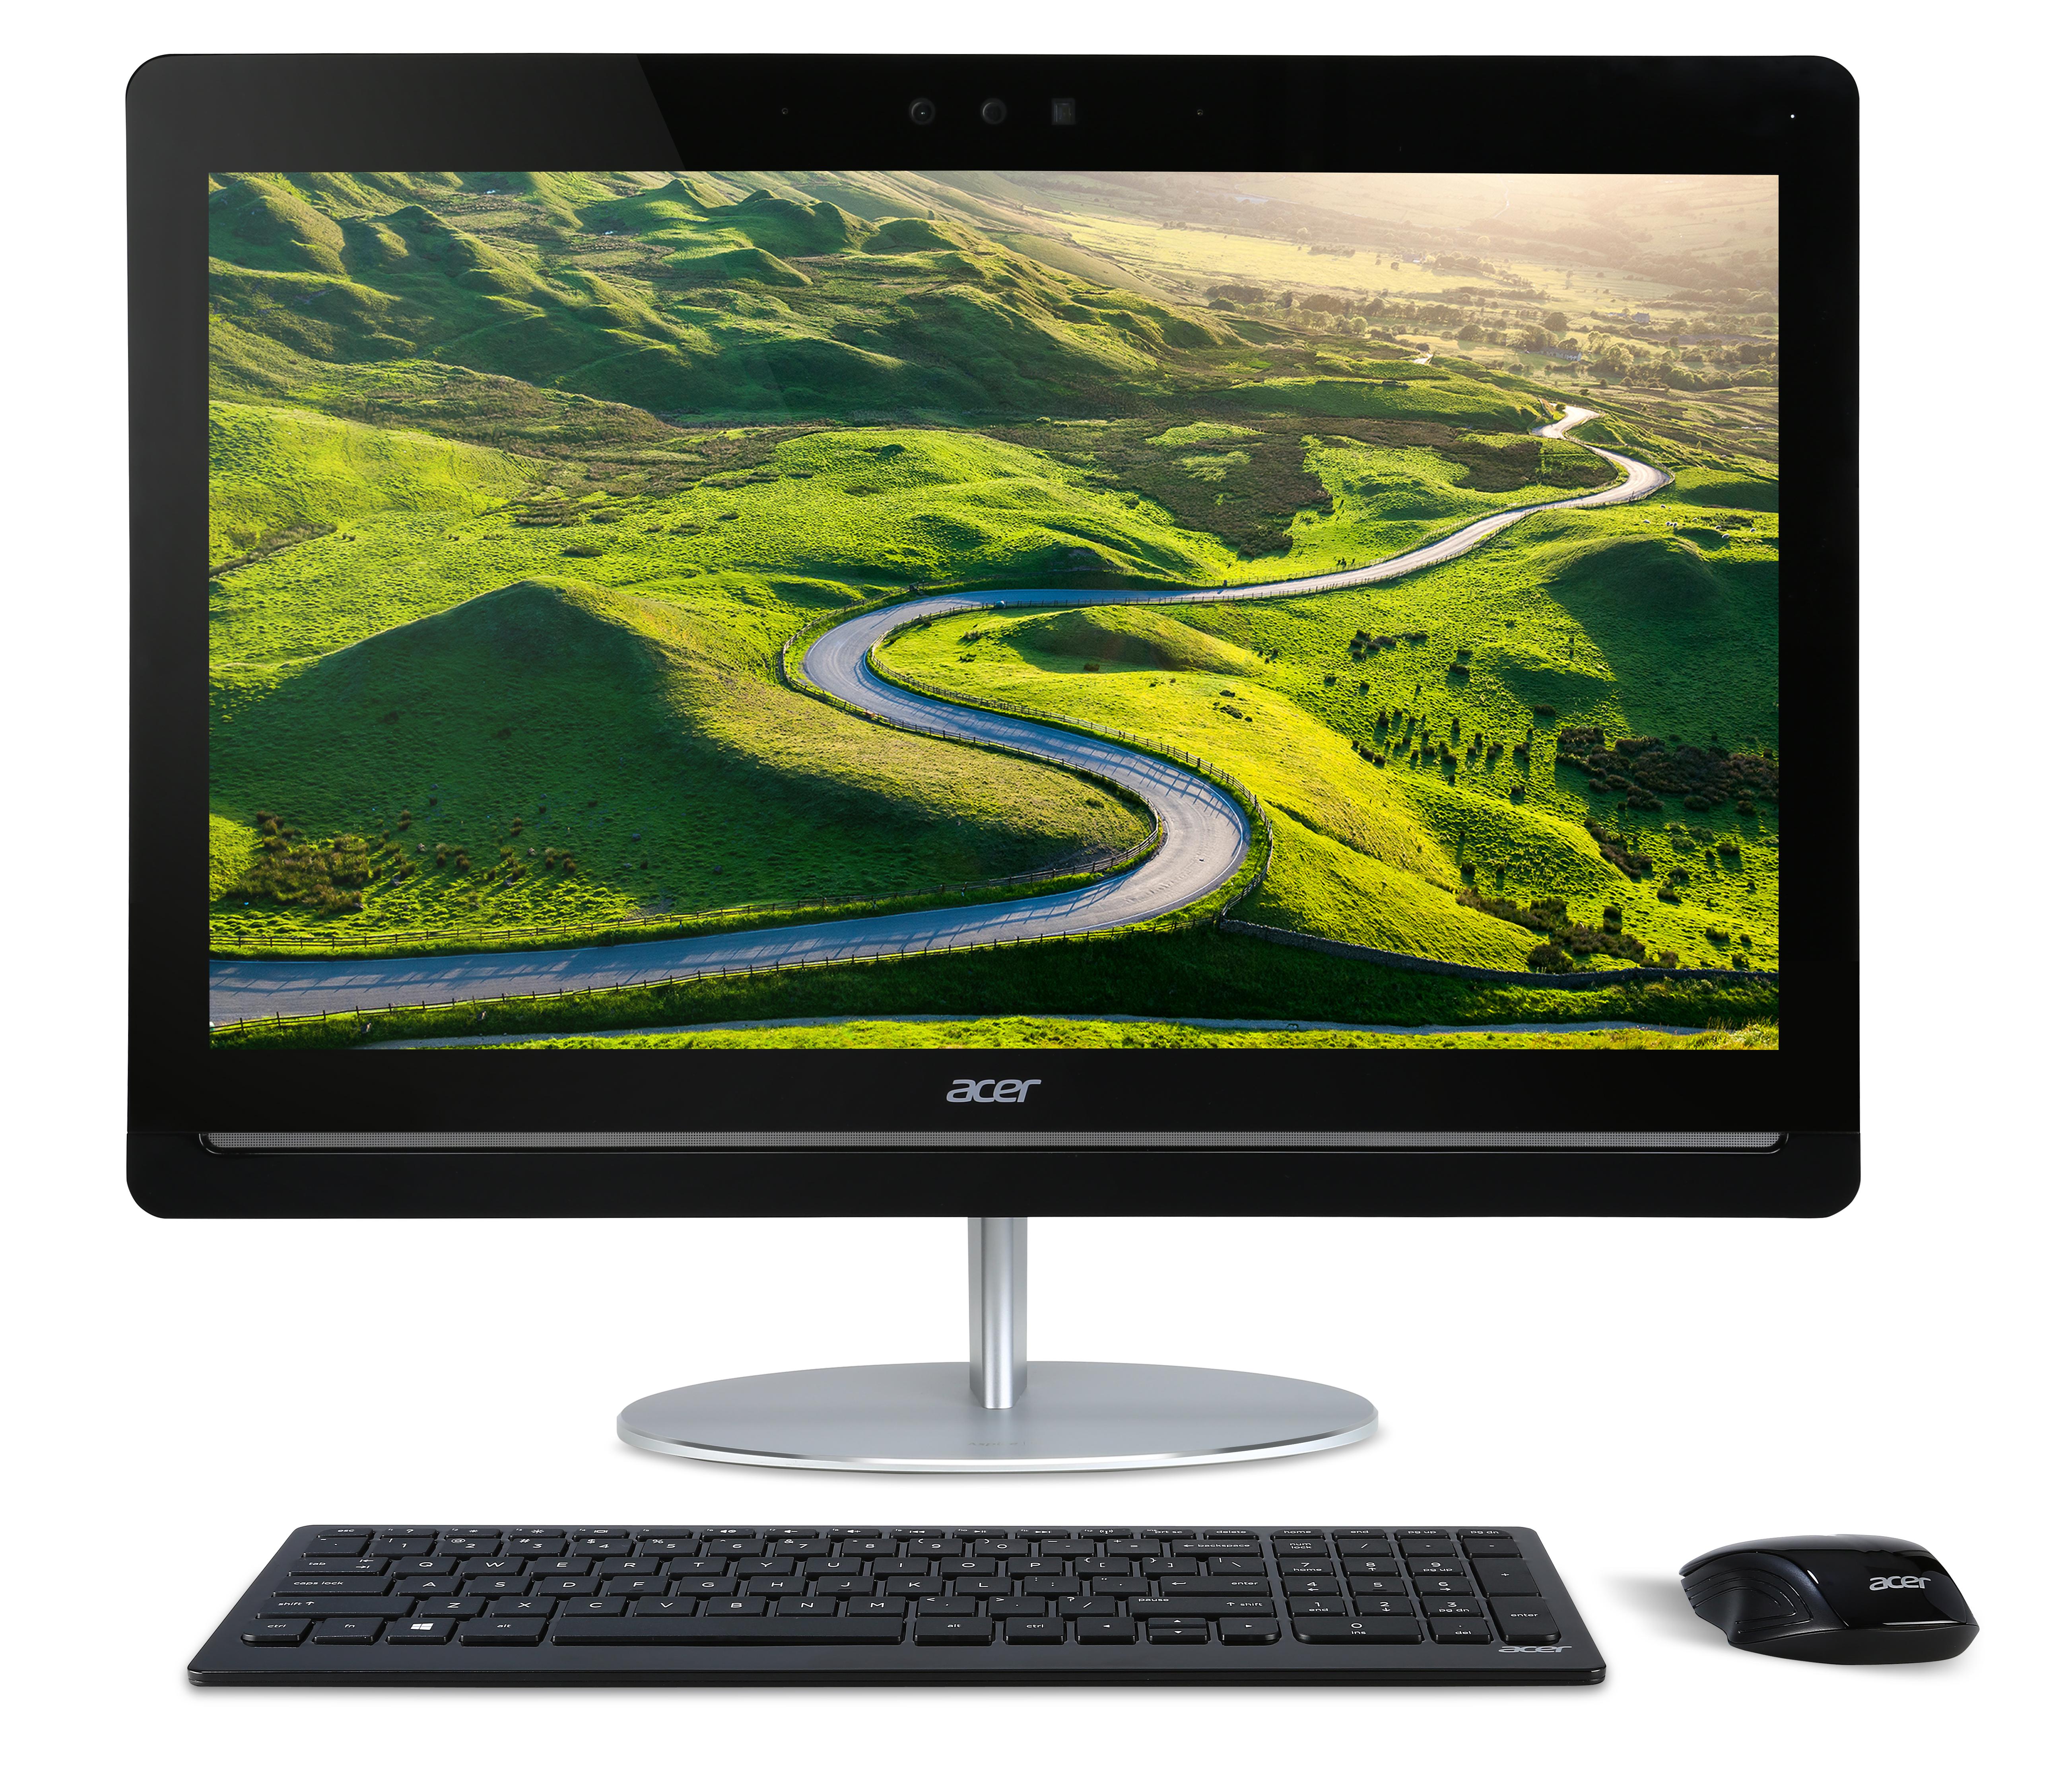 Acer выпускает моноблок Aspire U5 с 3D-камерой в России